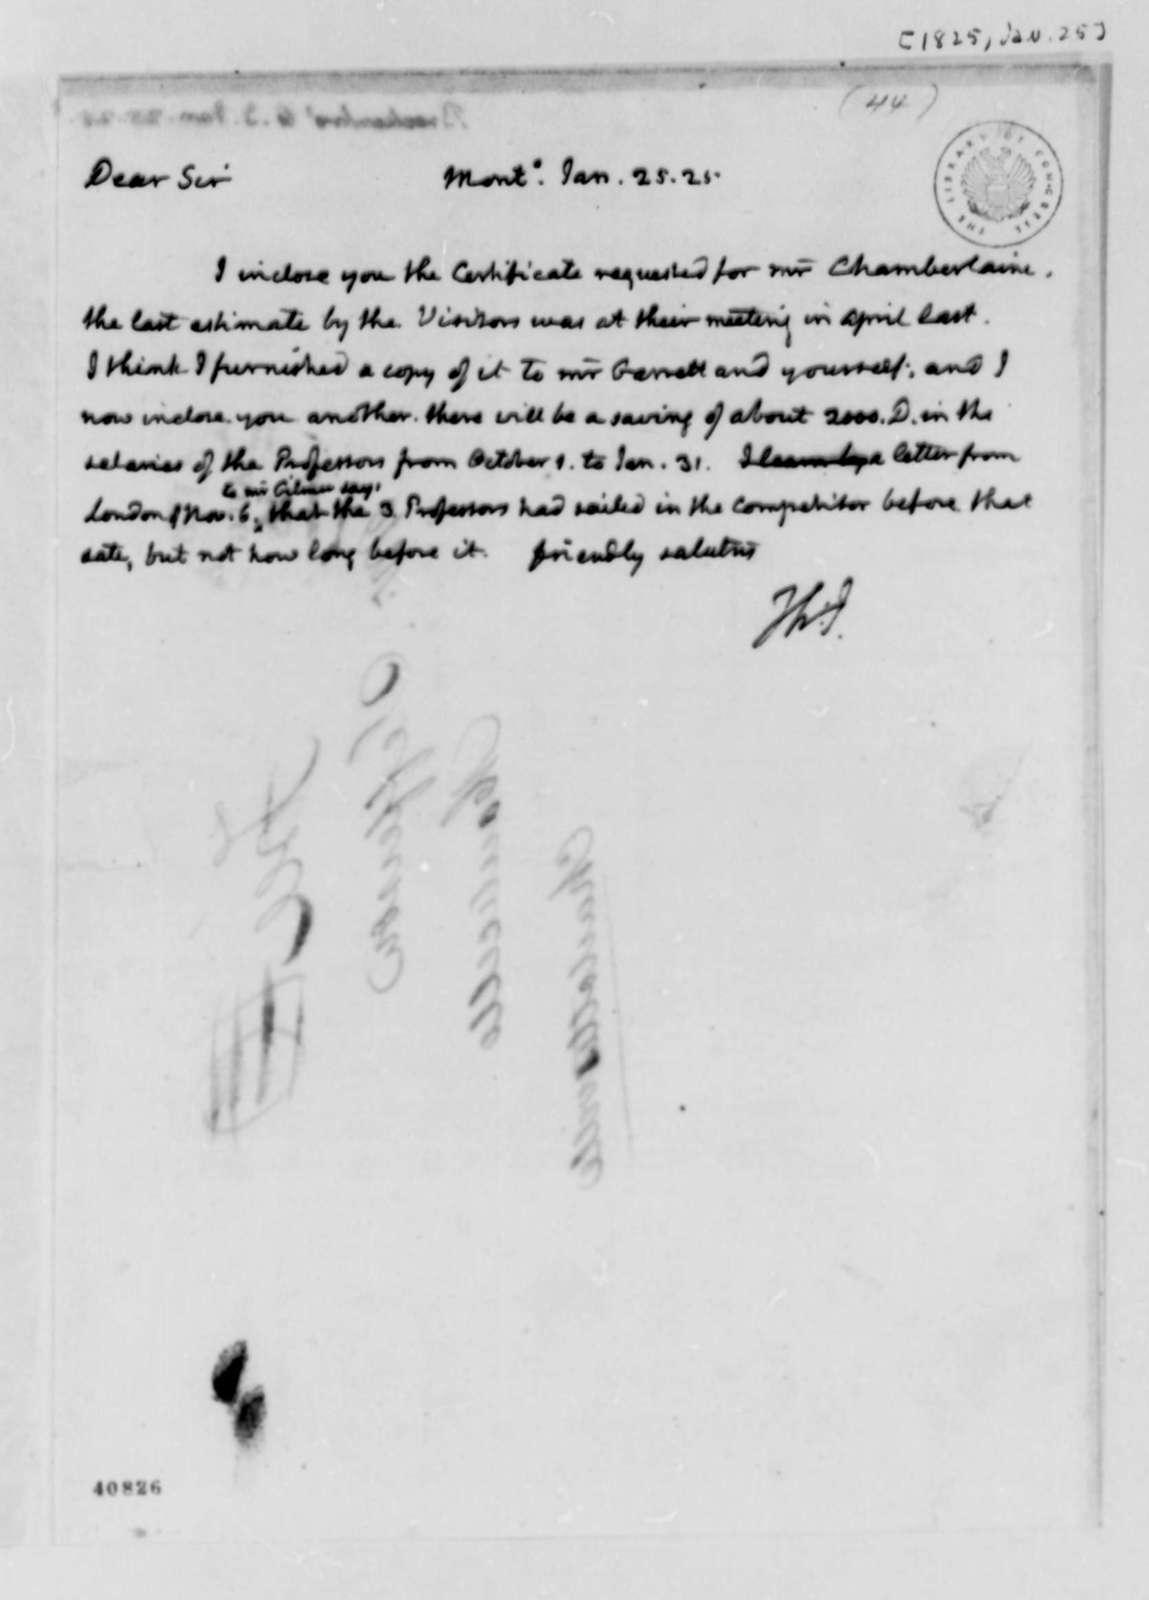 Thomas Jefferson to Arthur S. Brockenbrough, January 25, 1825